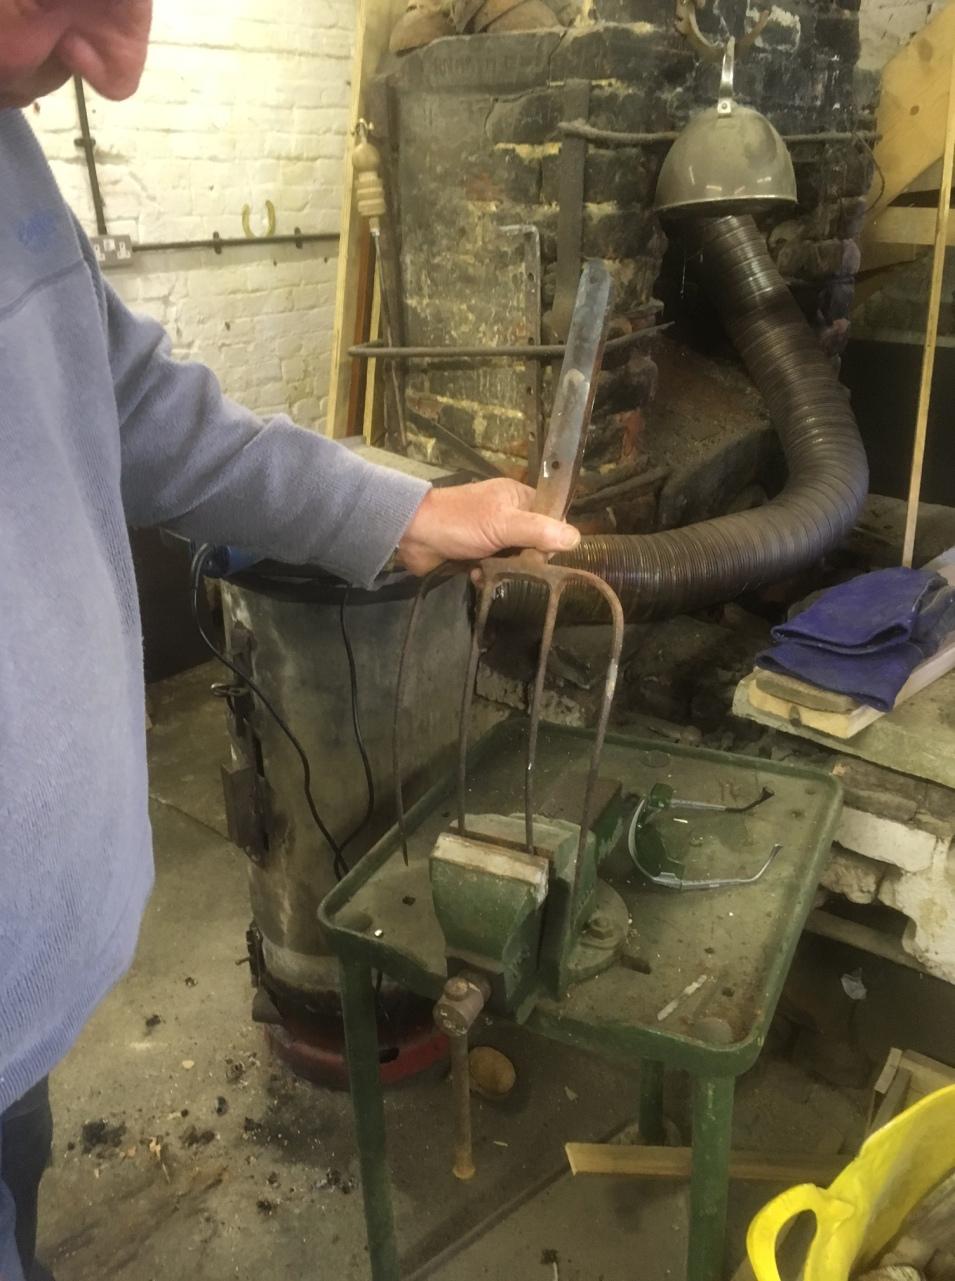 Fork repair in progress.